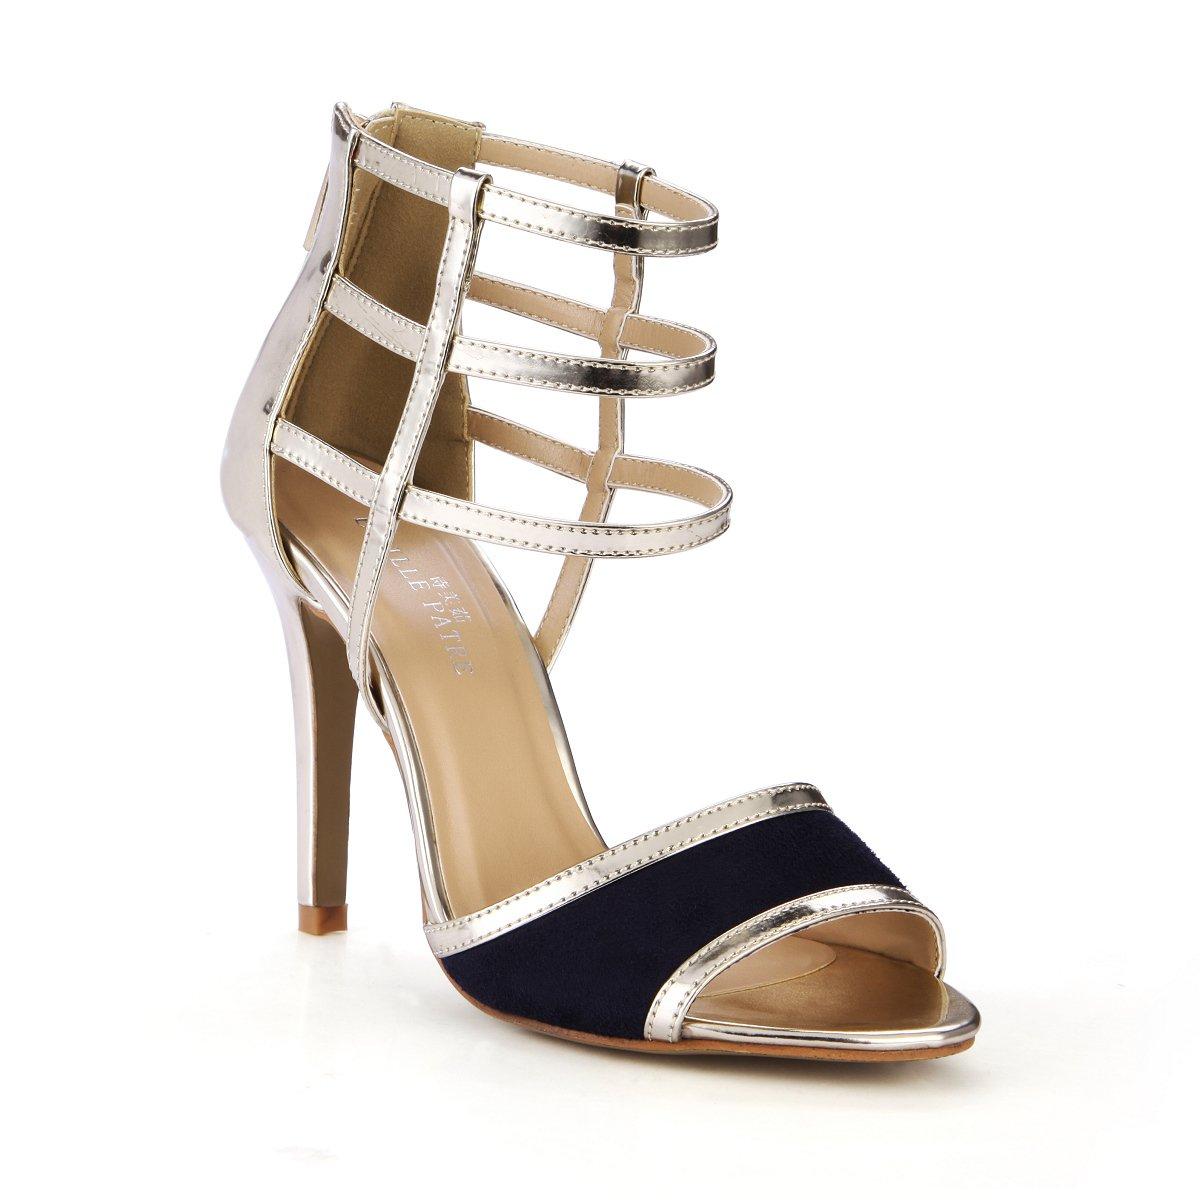 Weibliche neue neue Weibliche Boutique Sandalen Konzert Nacht high-heel Schuhe gold Band öffnen Frauen Schuhe Light gold mirror 0593d3